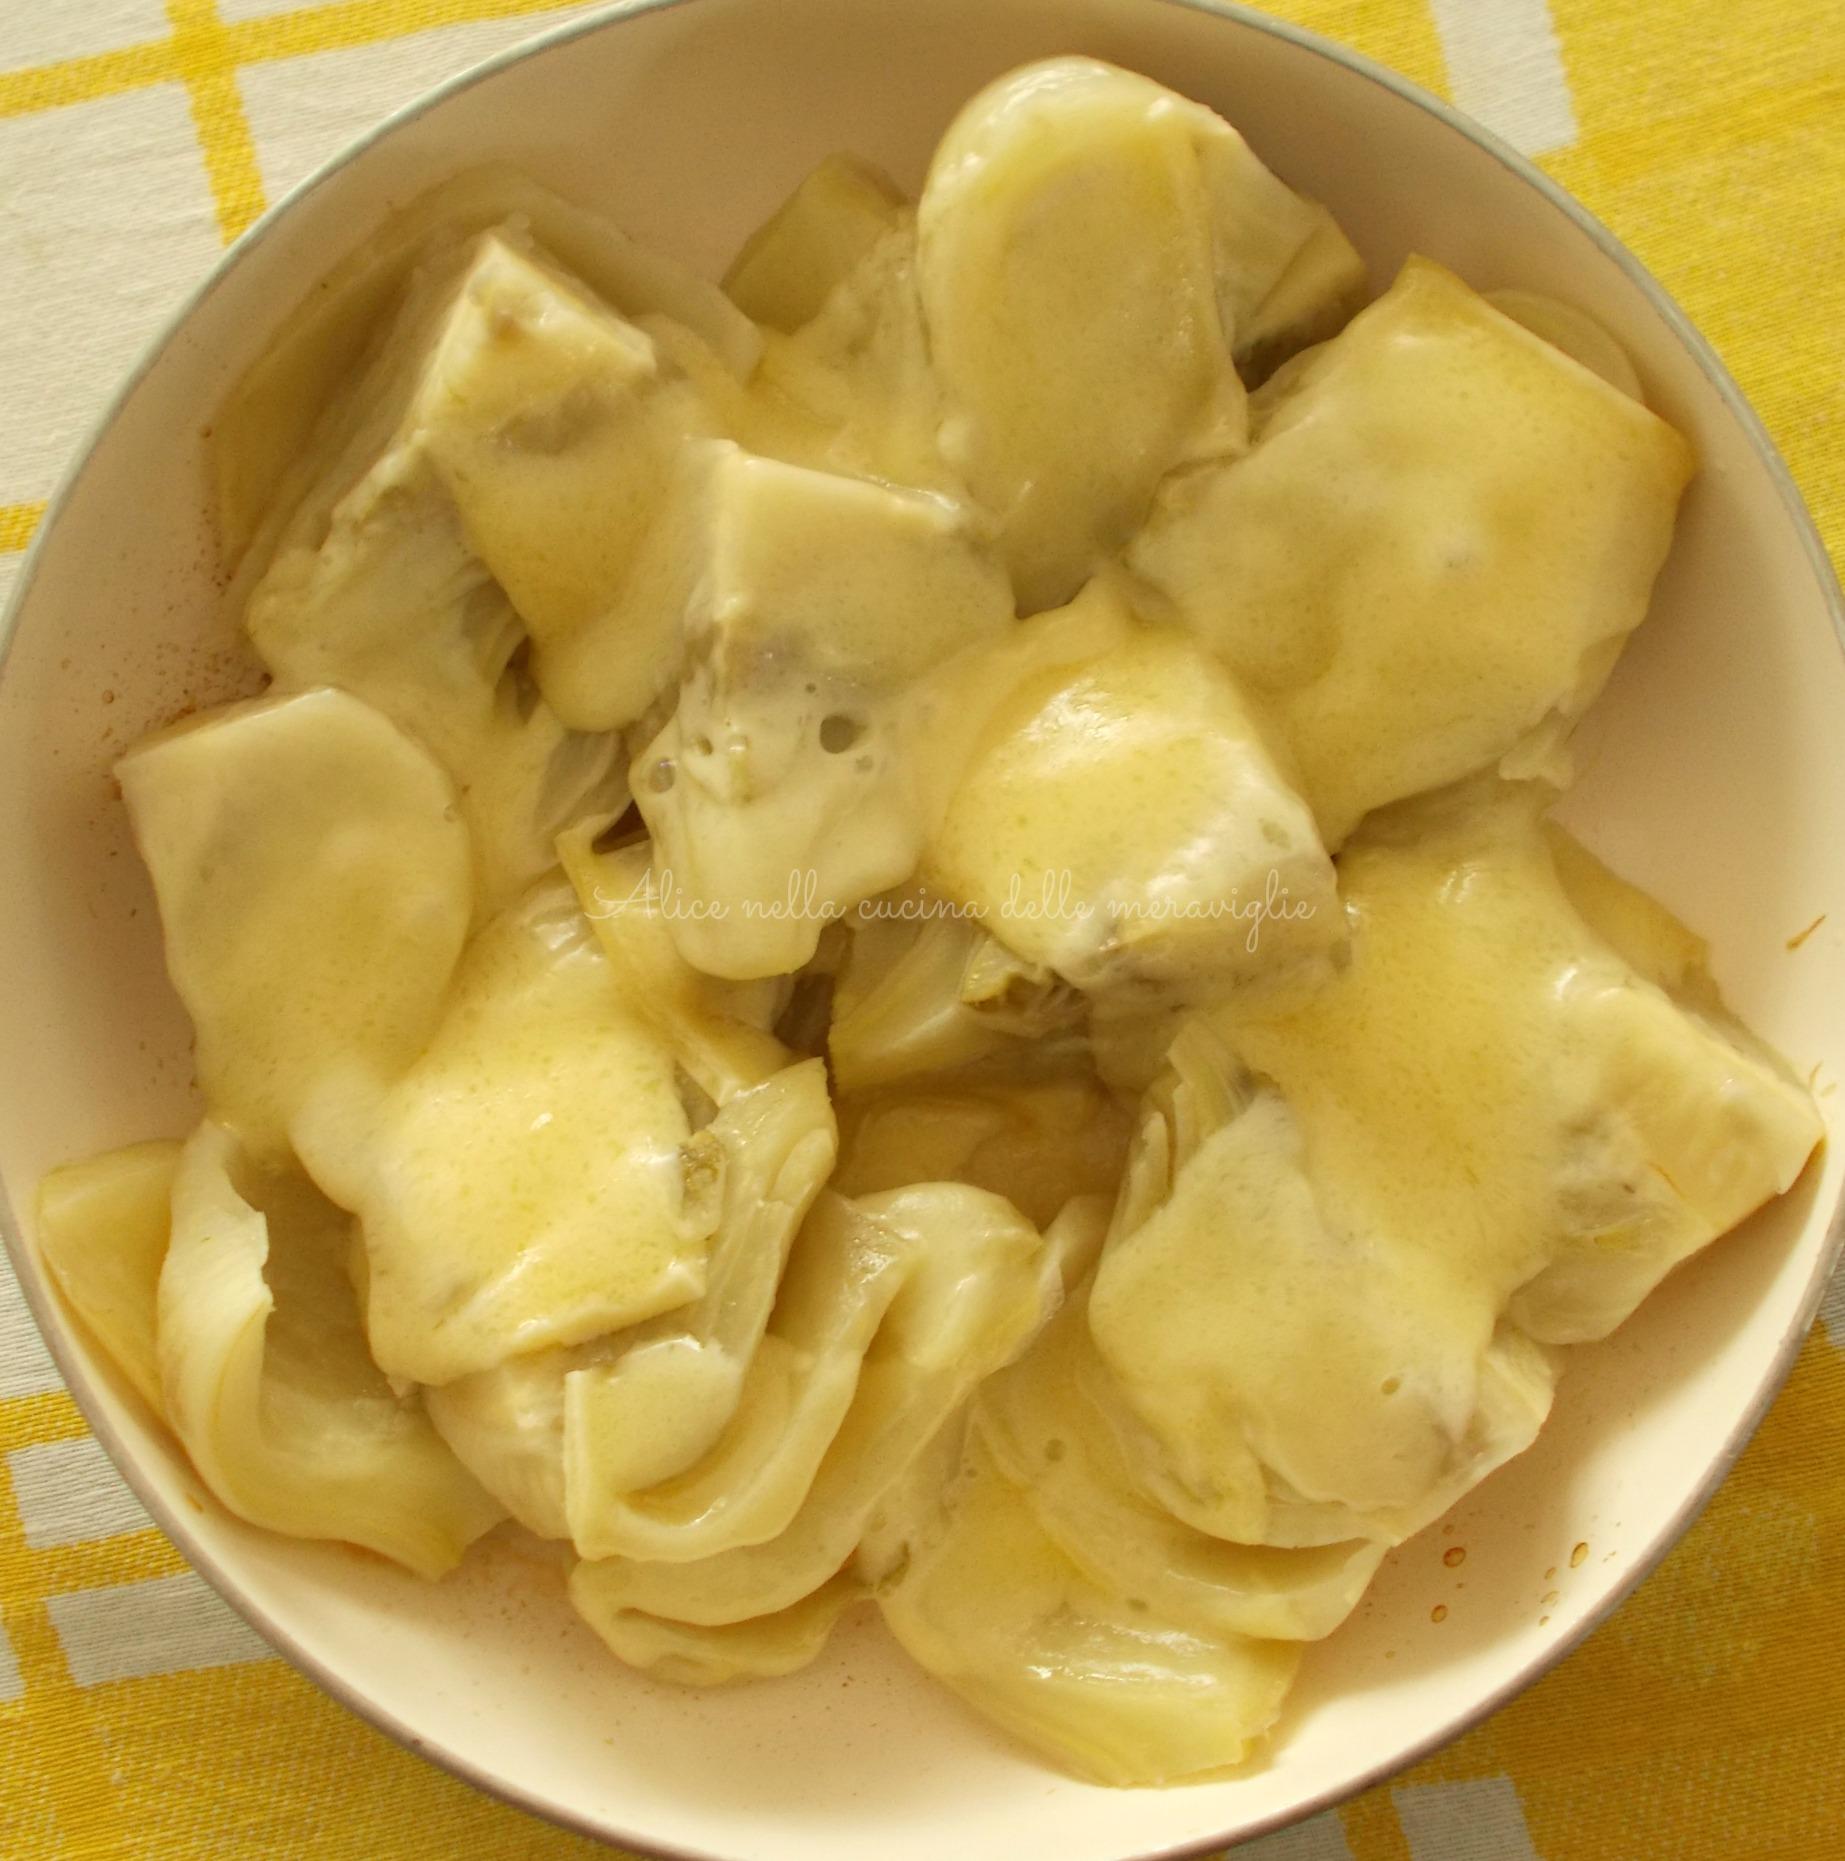 Finocchi al formaggio Ricetta vegetariana Alice nella cucina delle meraviglie